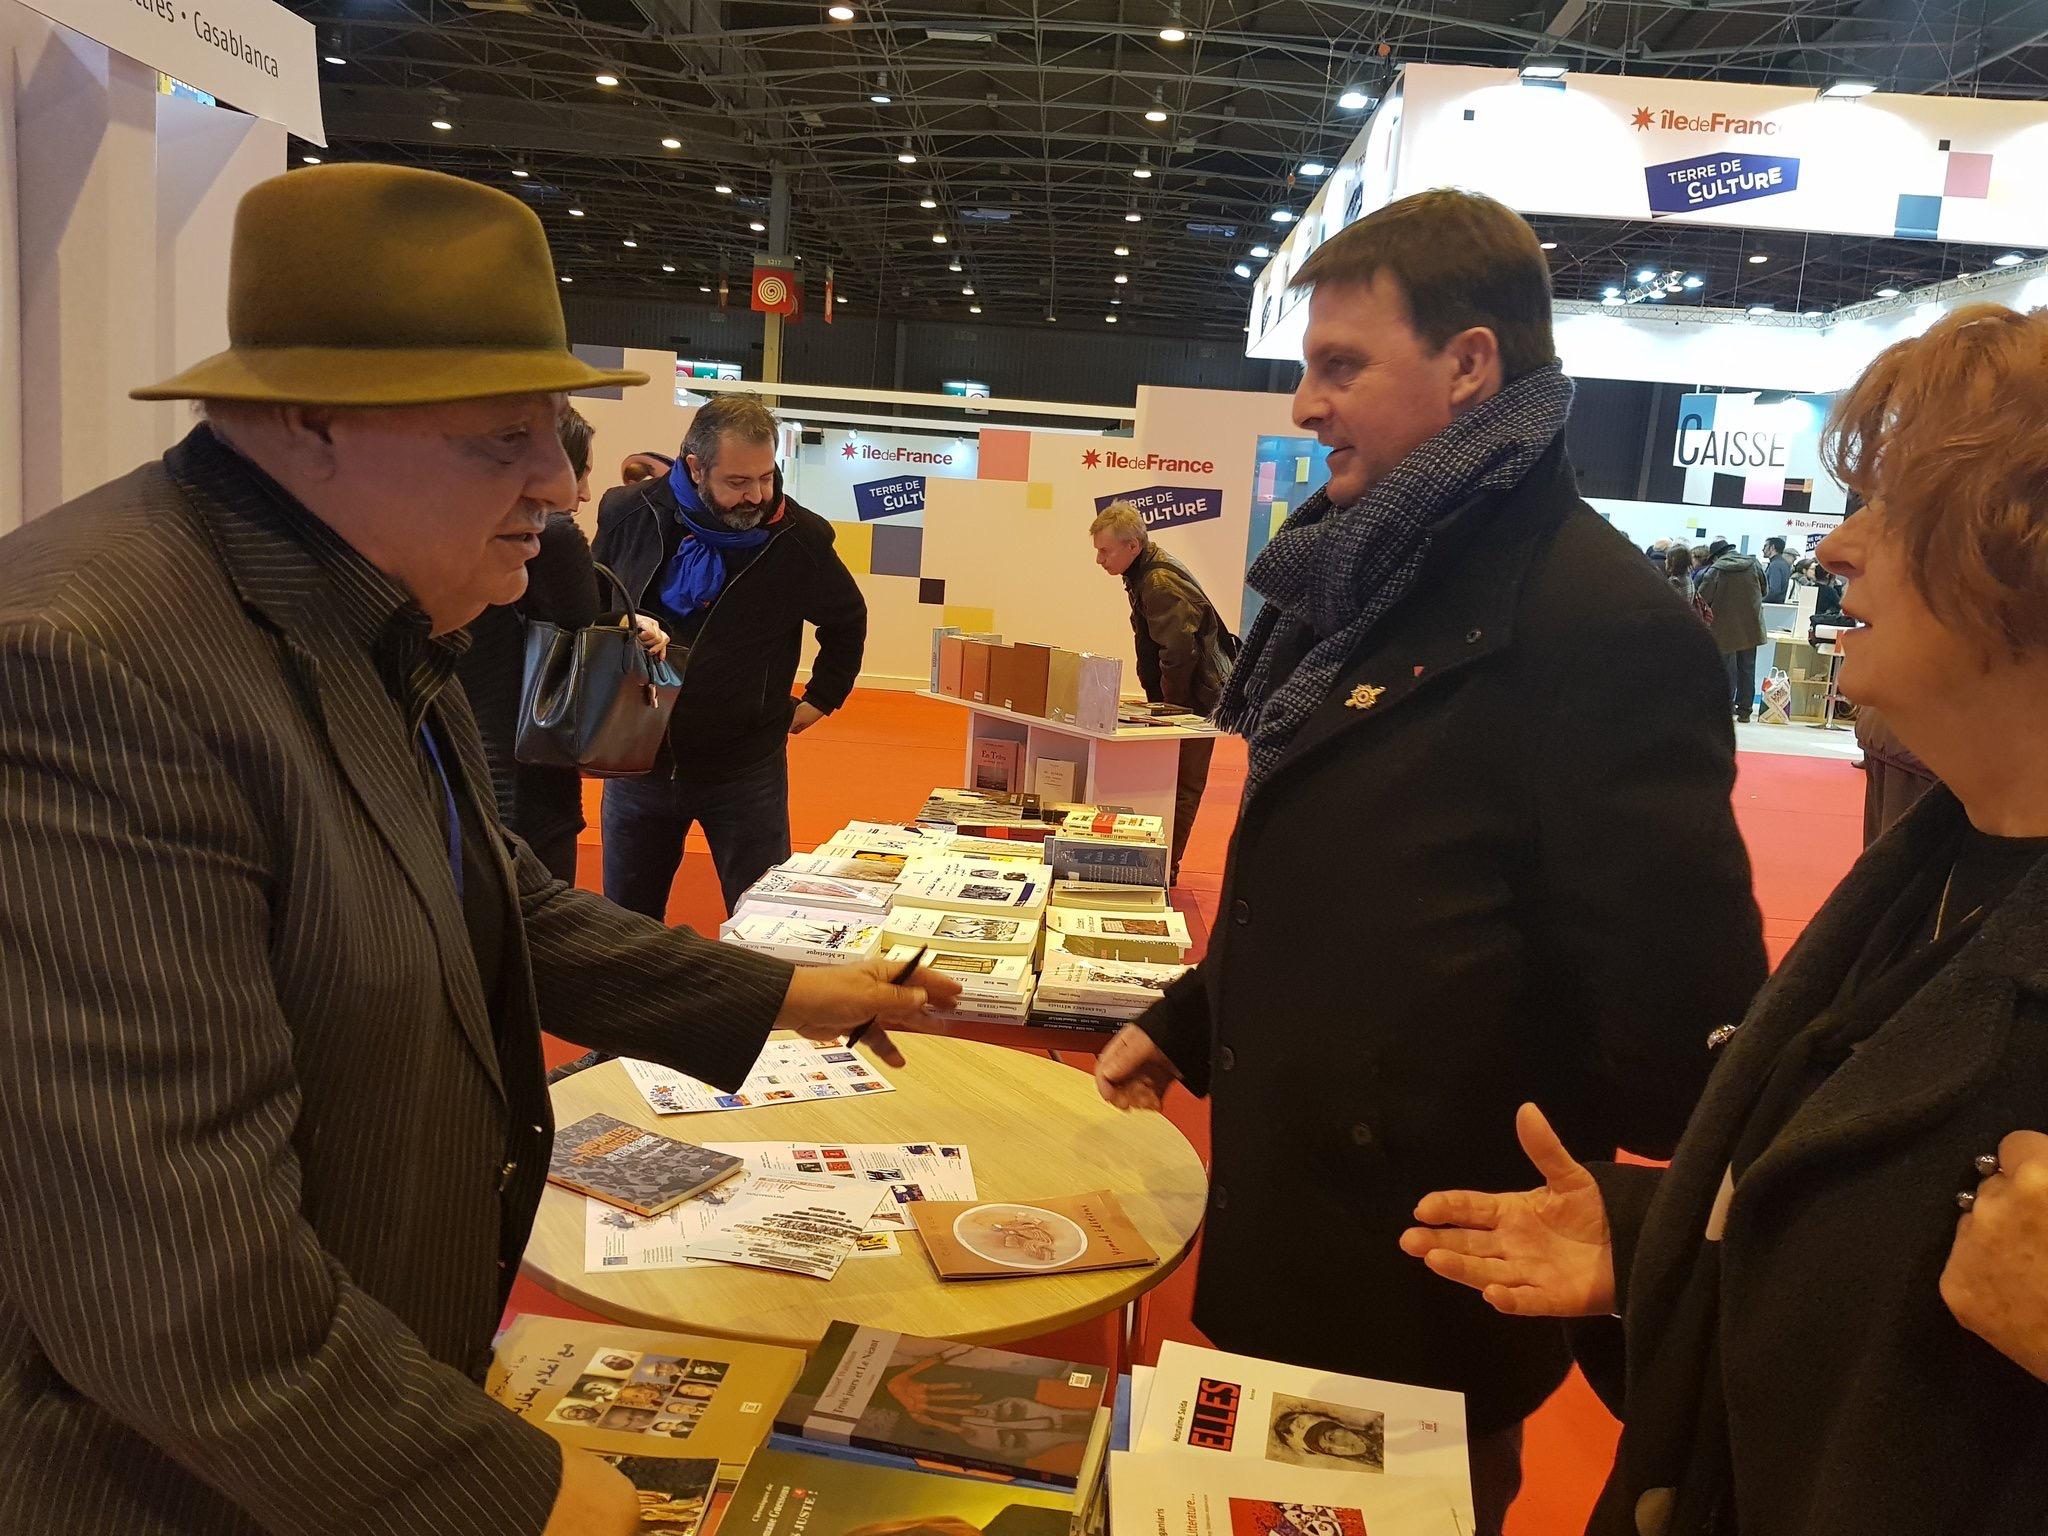 Nous terminons notre visite du Salon du livre 2018 par les éditeurs du Maroc. Merci à eux pour leur accueil chaleureux.